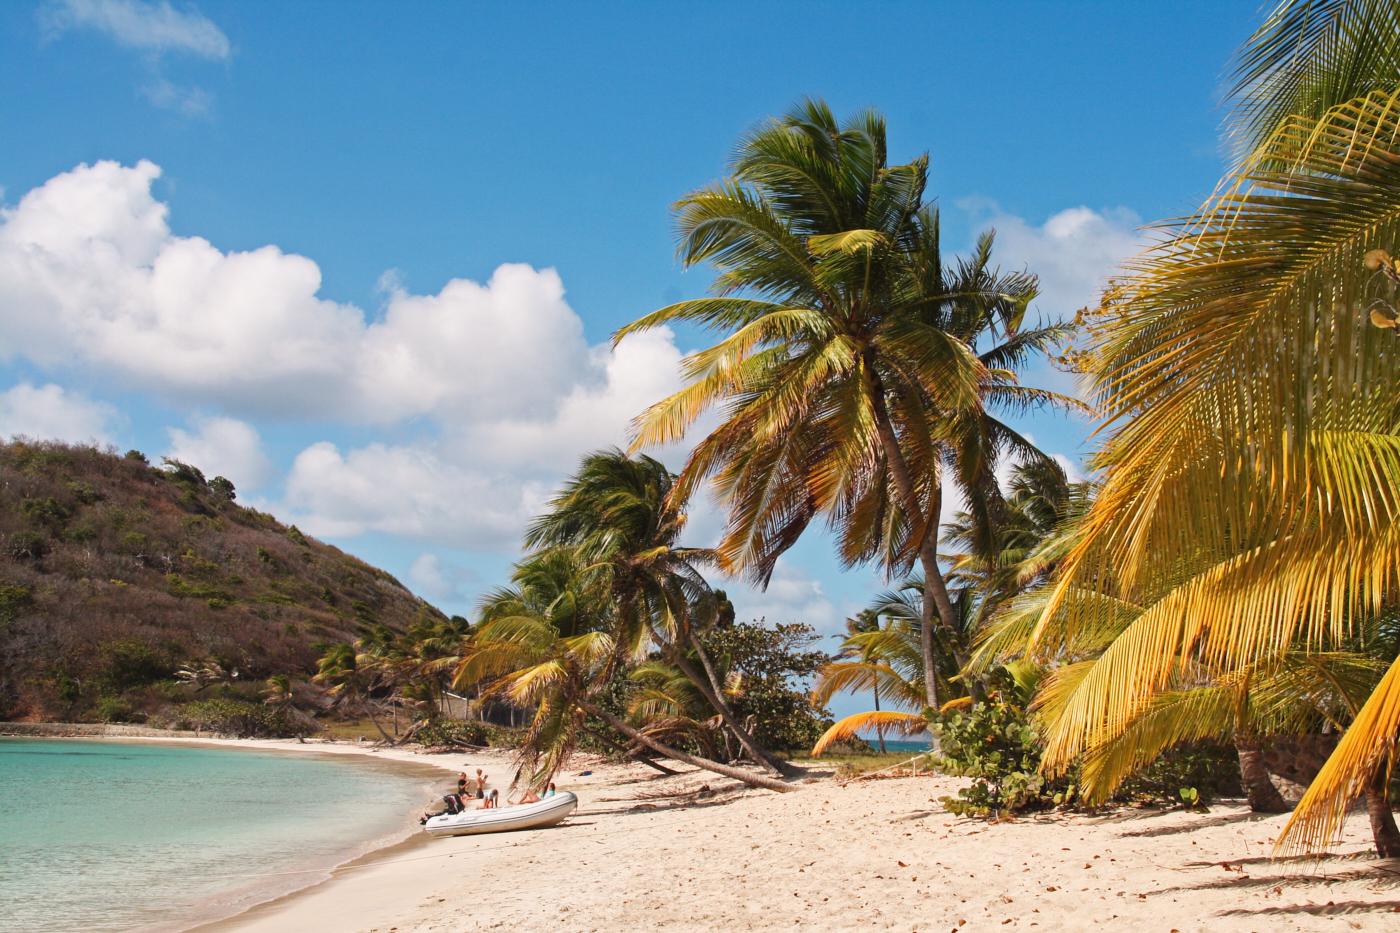 Definitiv eines unserer 5 verrücktesten Reisemomente: Als wir eine Schiffsschraube in der Karibik verloren haben. Plötzlich saßen wir in der wunderschönen Saltwhistle Bay fest